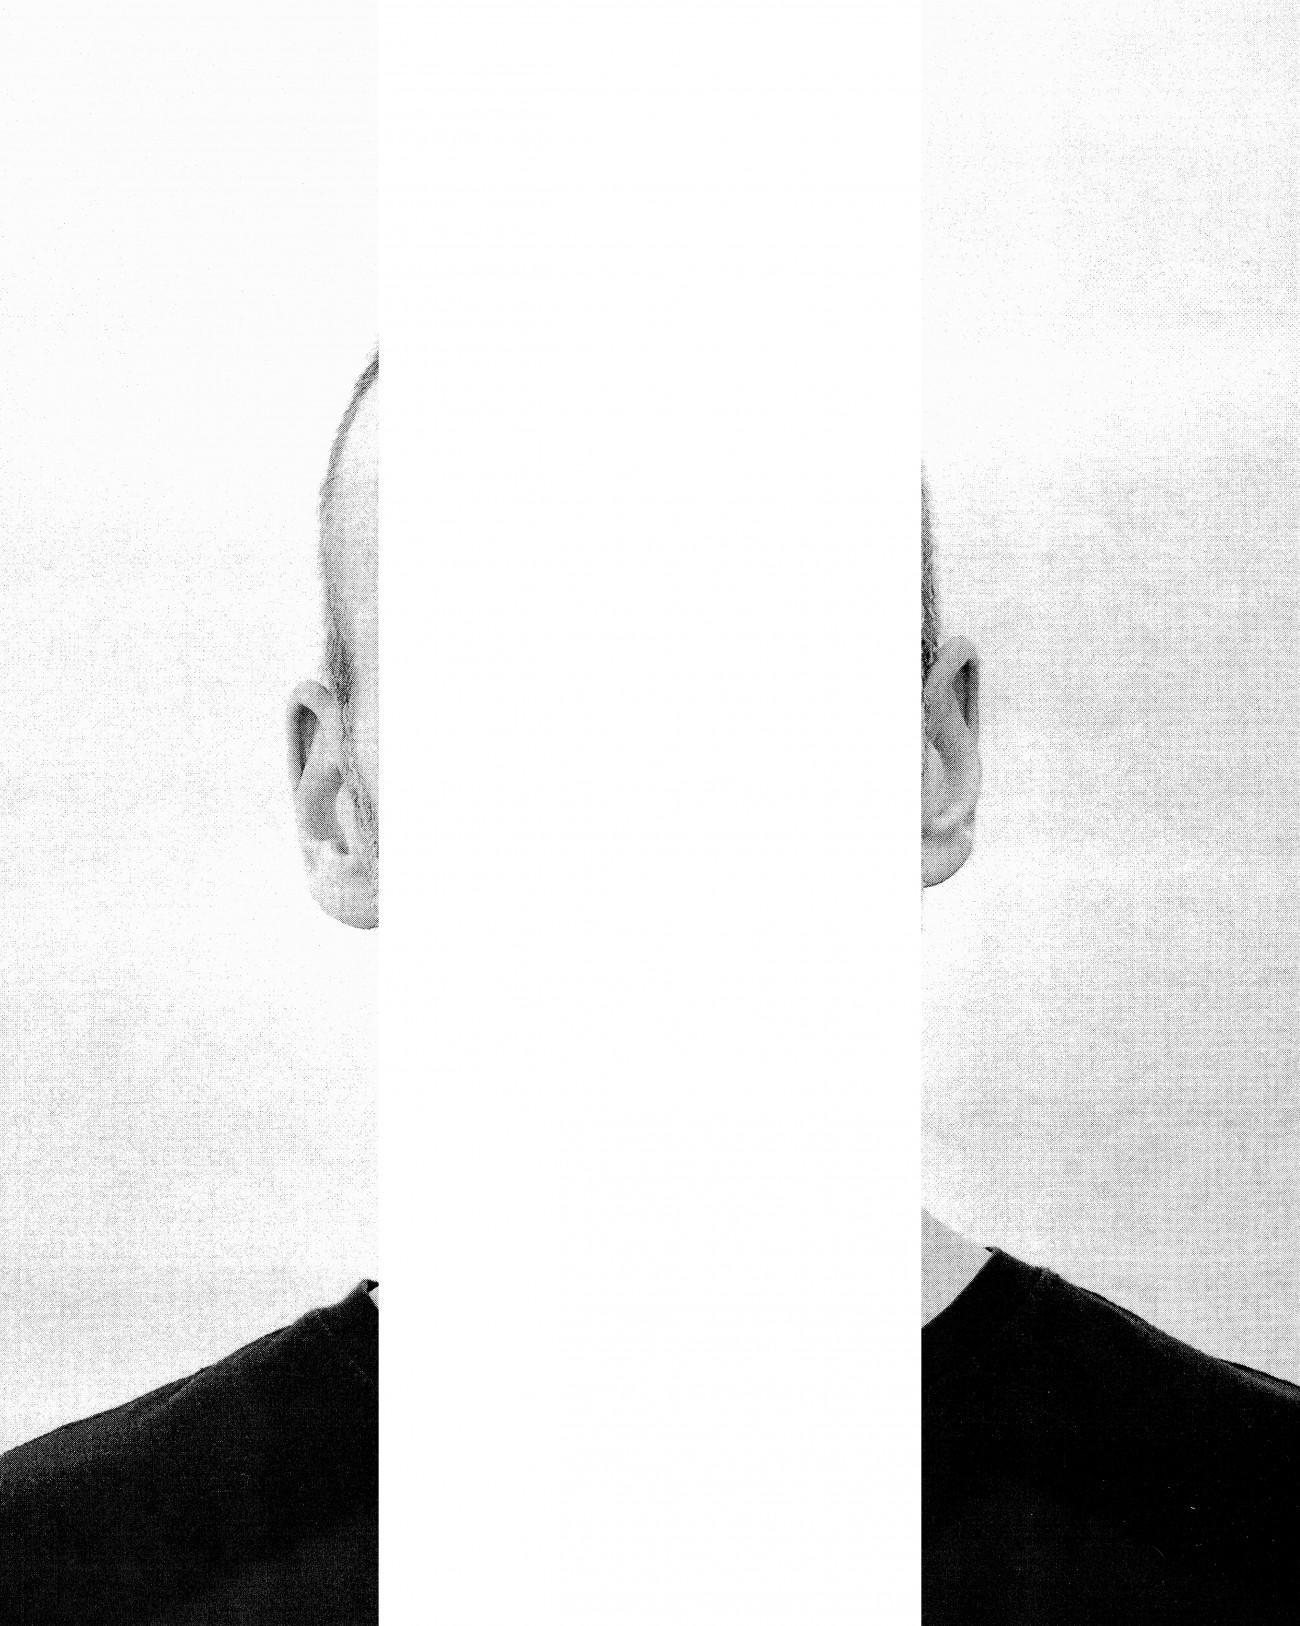 Steve Giasson. Performance invisible n° 224 (Manquer d'oreille). D'après Michelangelo Pistoletto. Le orecchie di Jasper Johns [The Ears of Jasper Johns]. 1966. D'après Steve Giasson. Performance invisible n° 223 (Manquer de vision). 25 février 2021. Performeur : Steve Giasson. Crédit photographique : Martin Vinette. Retouches photographiques : Steve Giasson. 2 mars 2021.